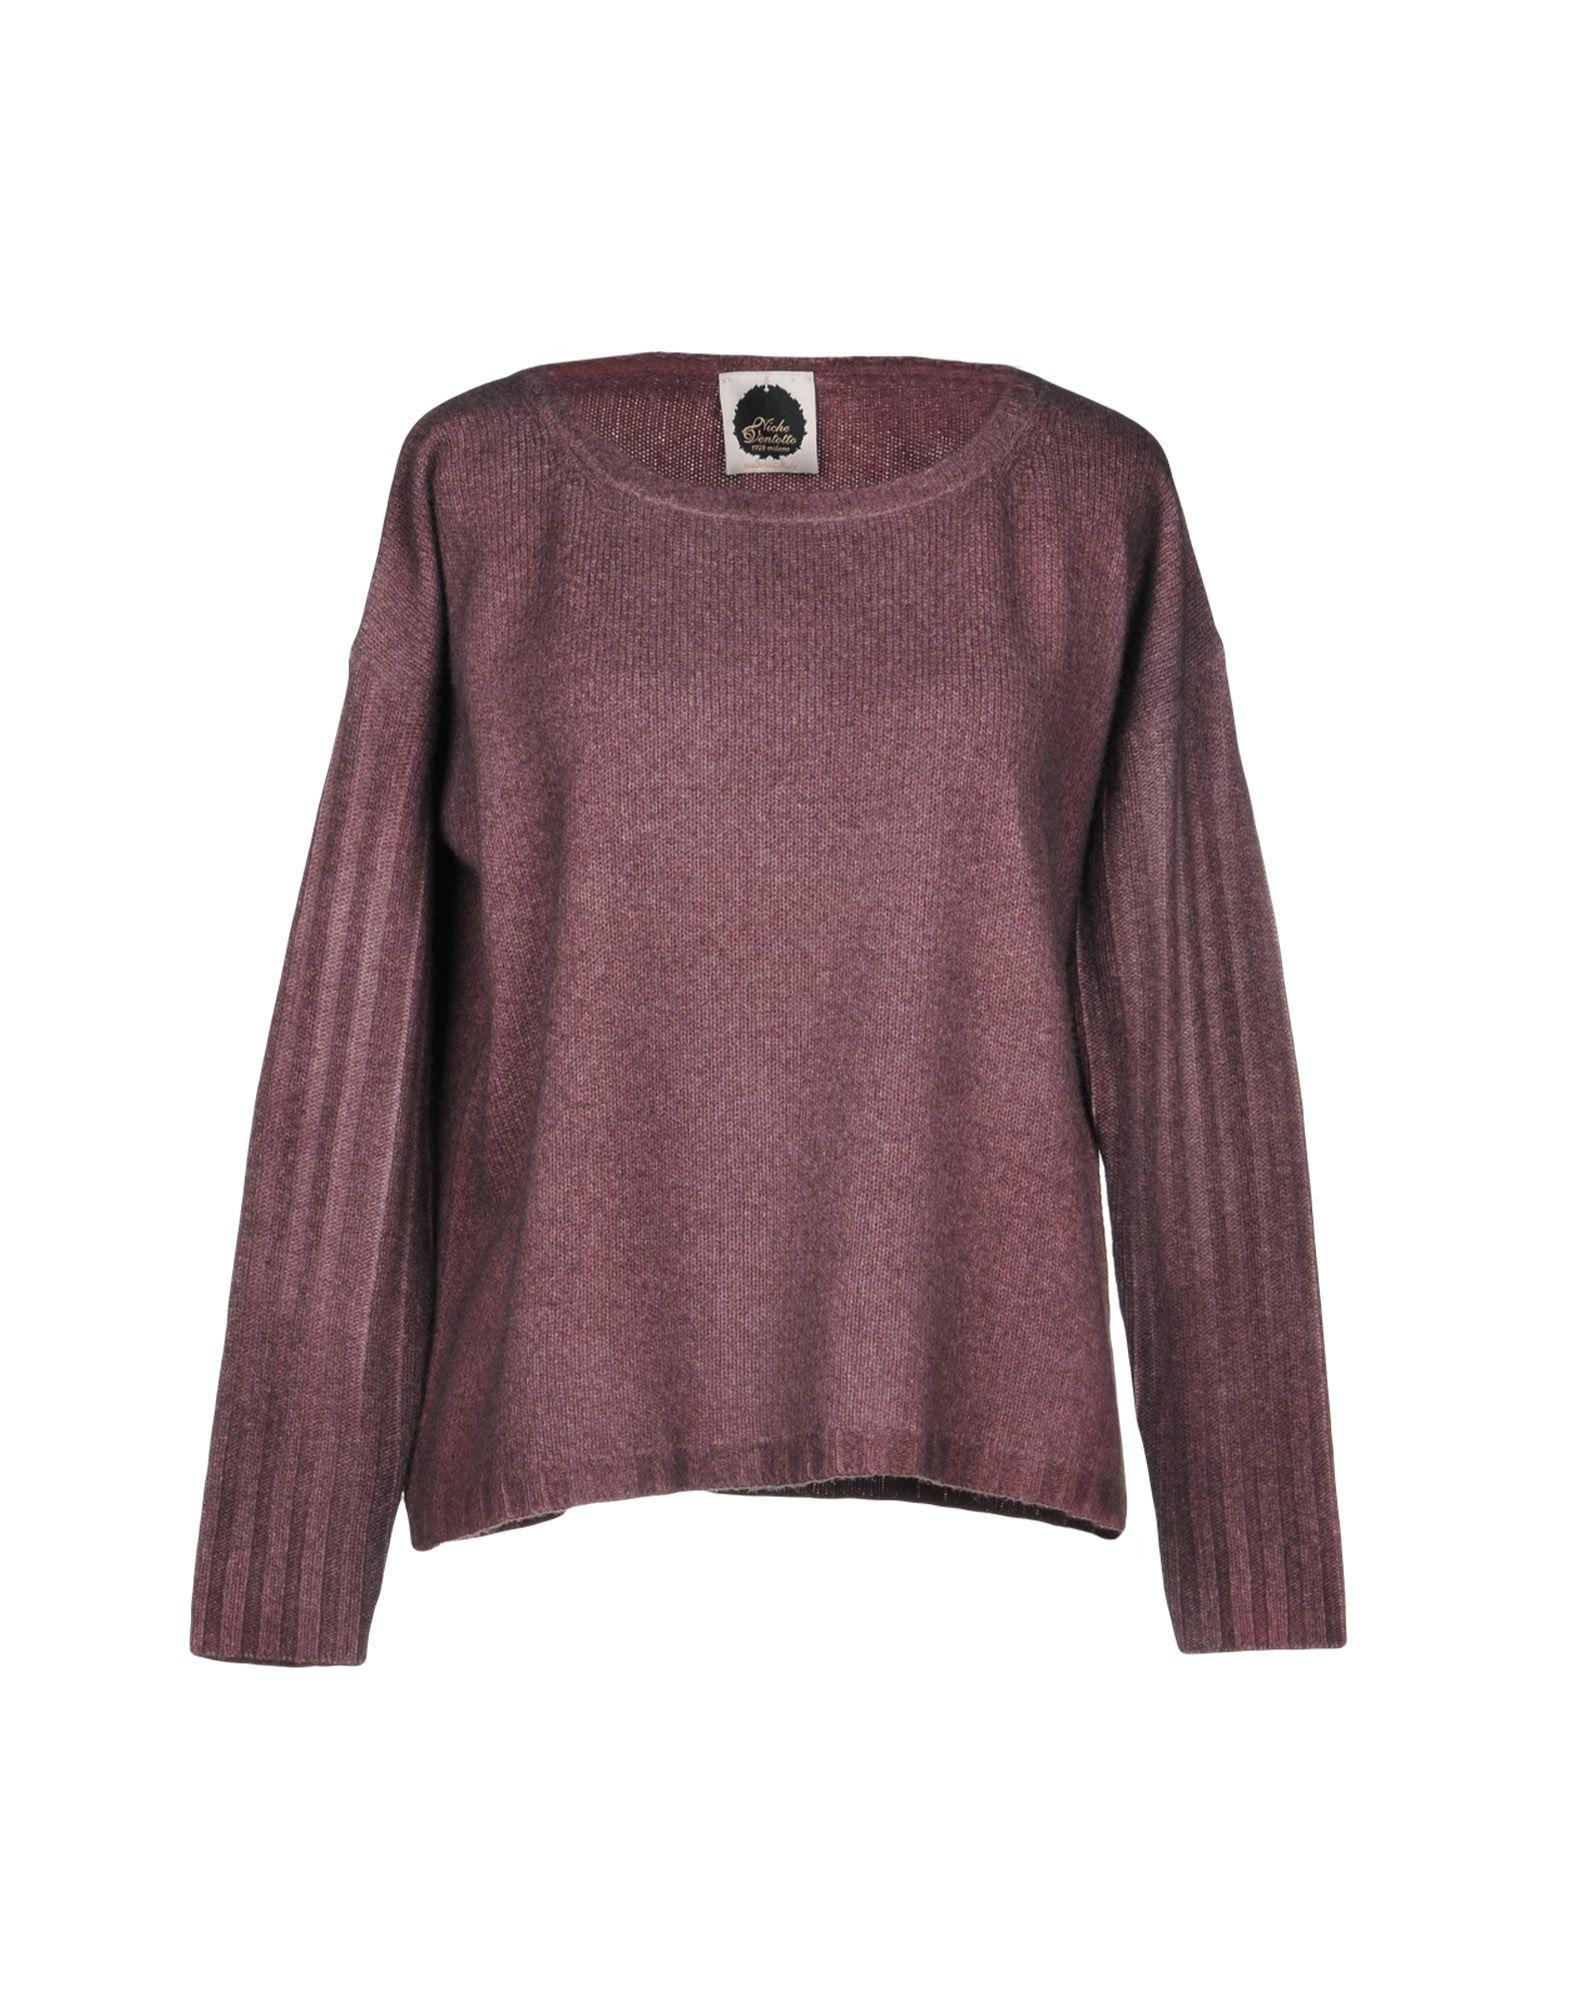 NICHE VENTOTTO Sweater in Purple